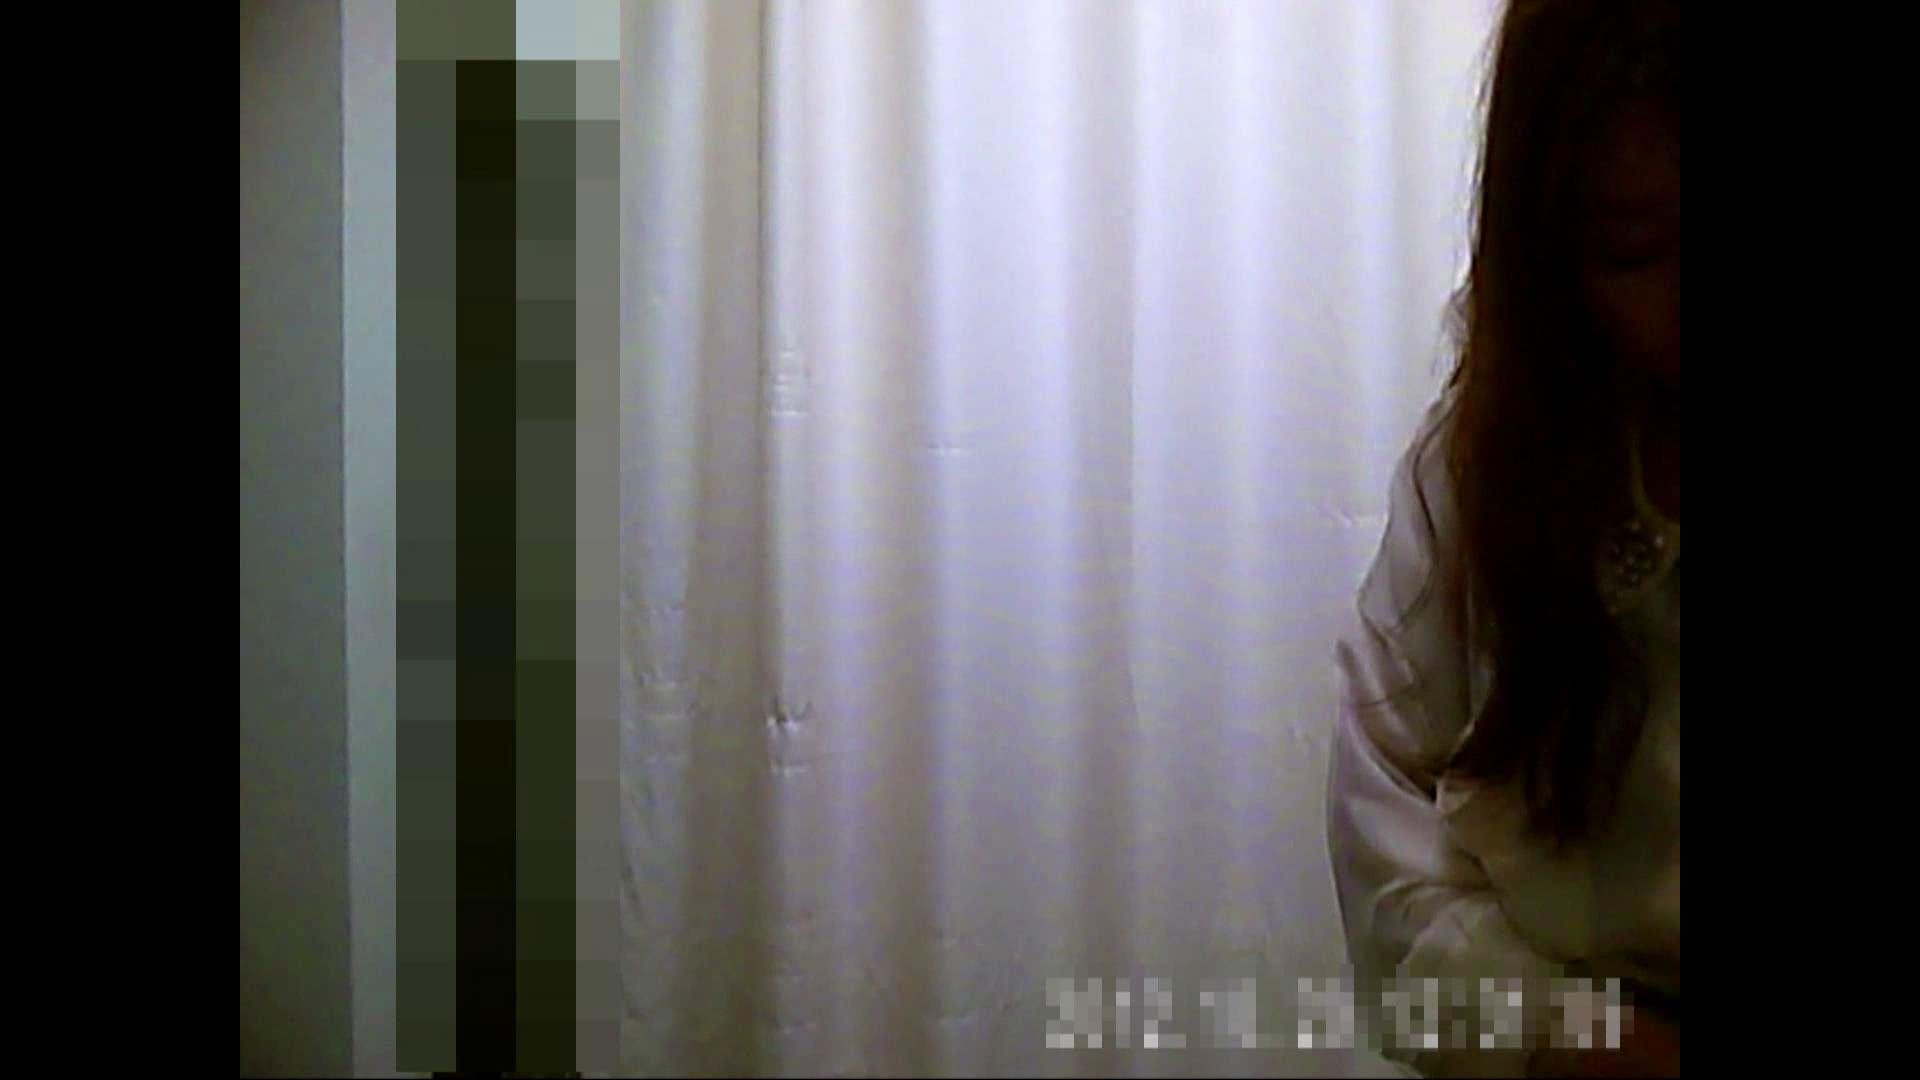 病院おもいっきり着替え! vol.222 盗撮師作品 オマンコ無修正動画無料 75pic 45